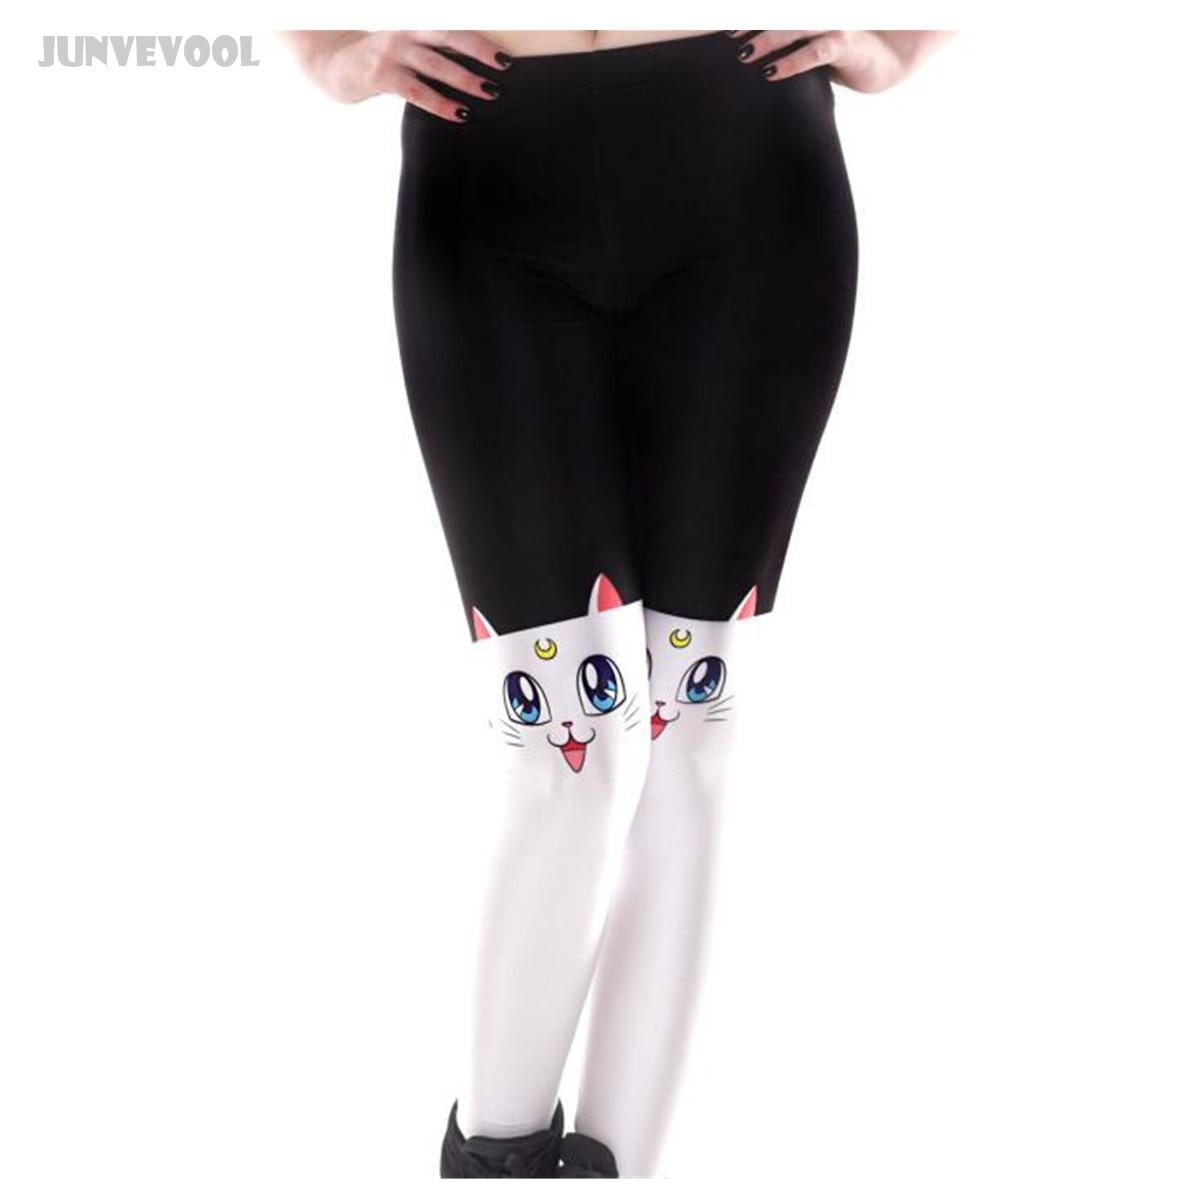 39dba998d82a5 Femmes Leggins Sexy Femmes Chat sur Genou Conception Mince Pantalon Taille  Haute Leggings Femmes de Patchwork Pantalon Skinny Pantalon Jeggings